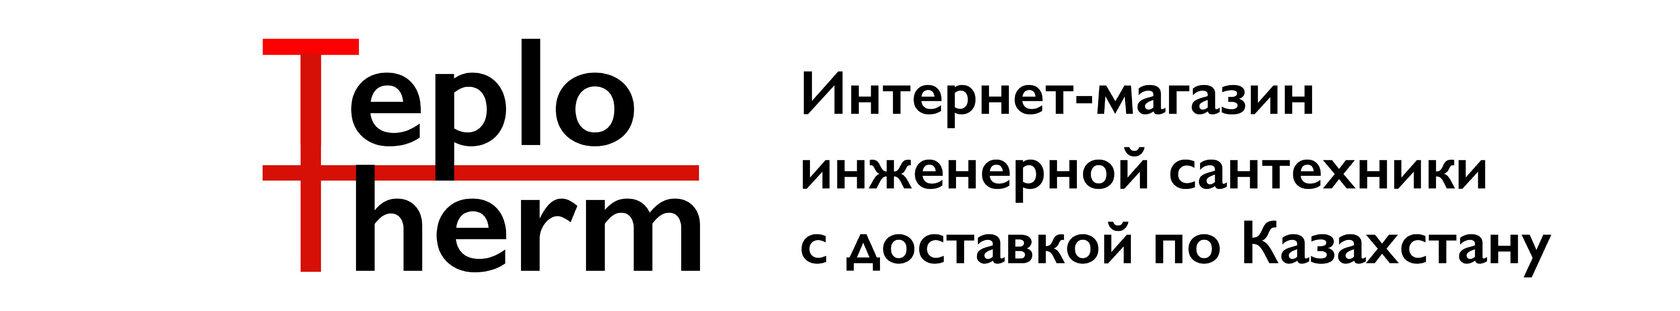 Интернет-магазин инженерной сантехники с доставкой по Казахстану